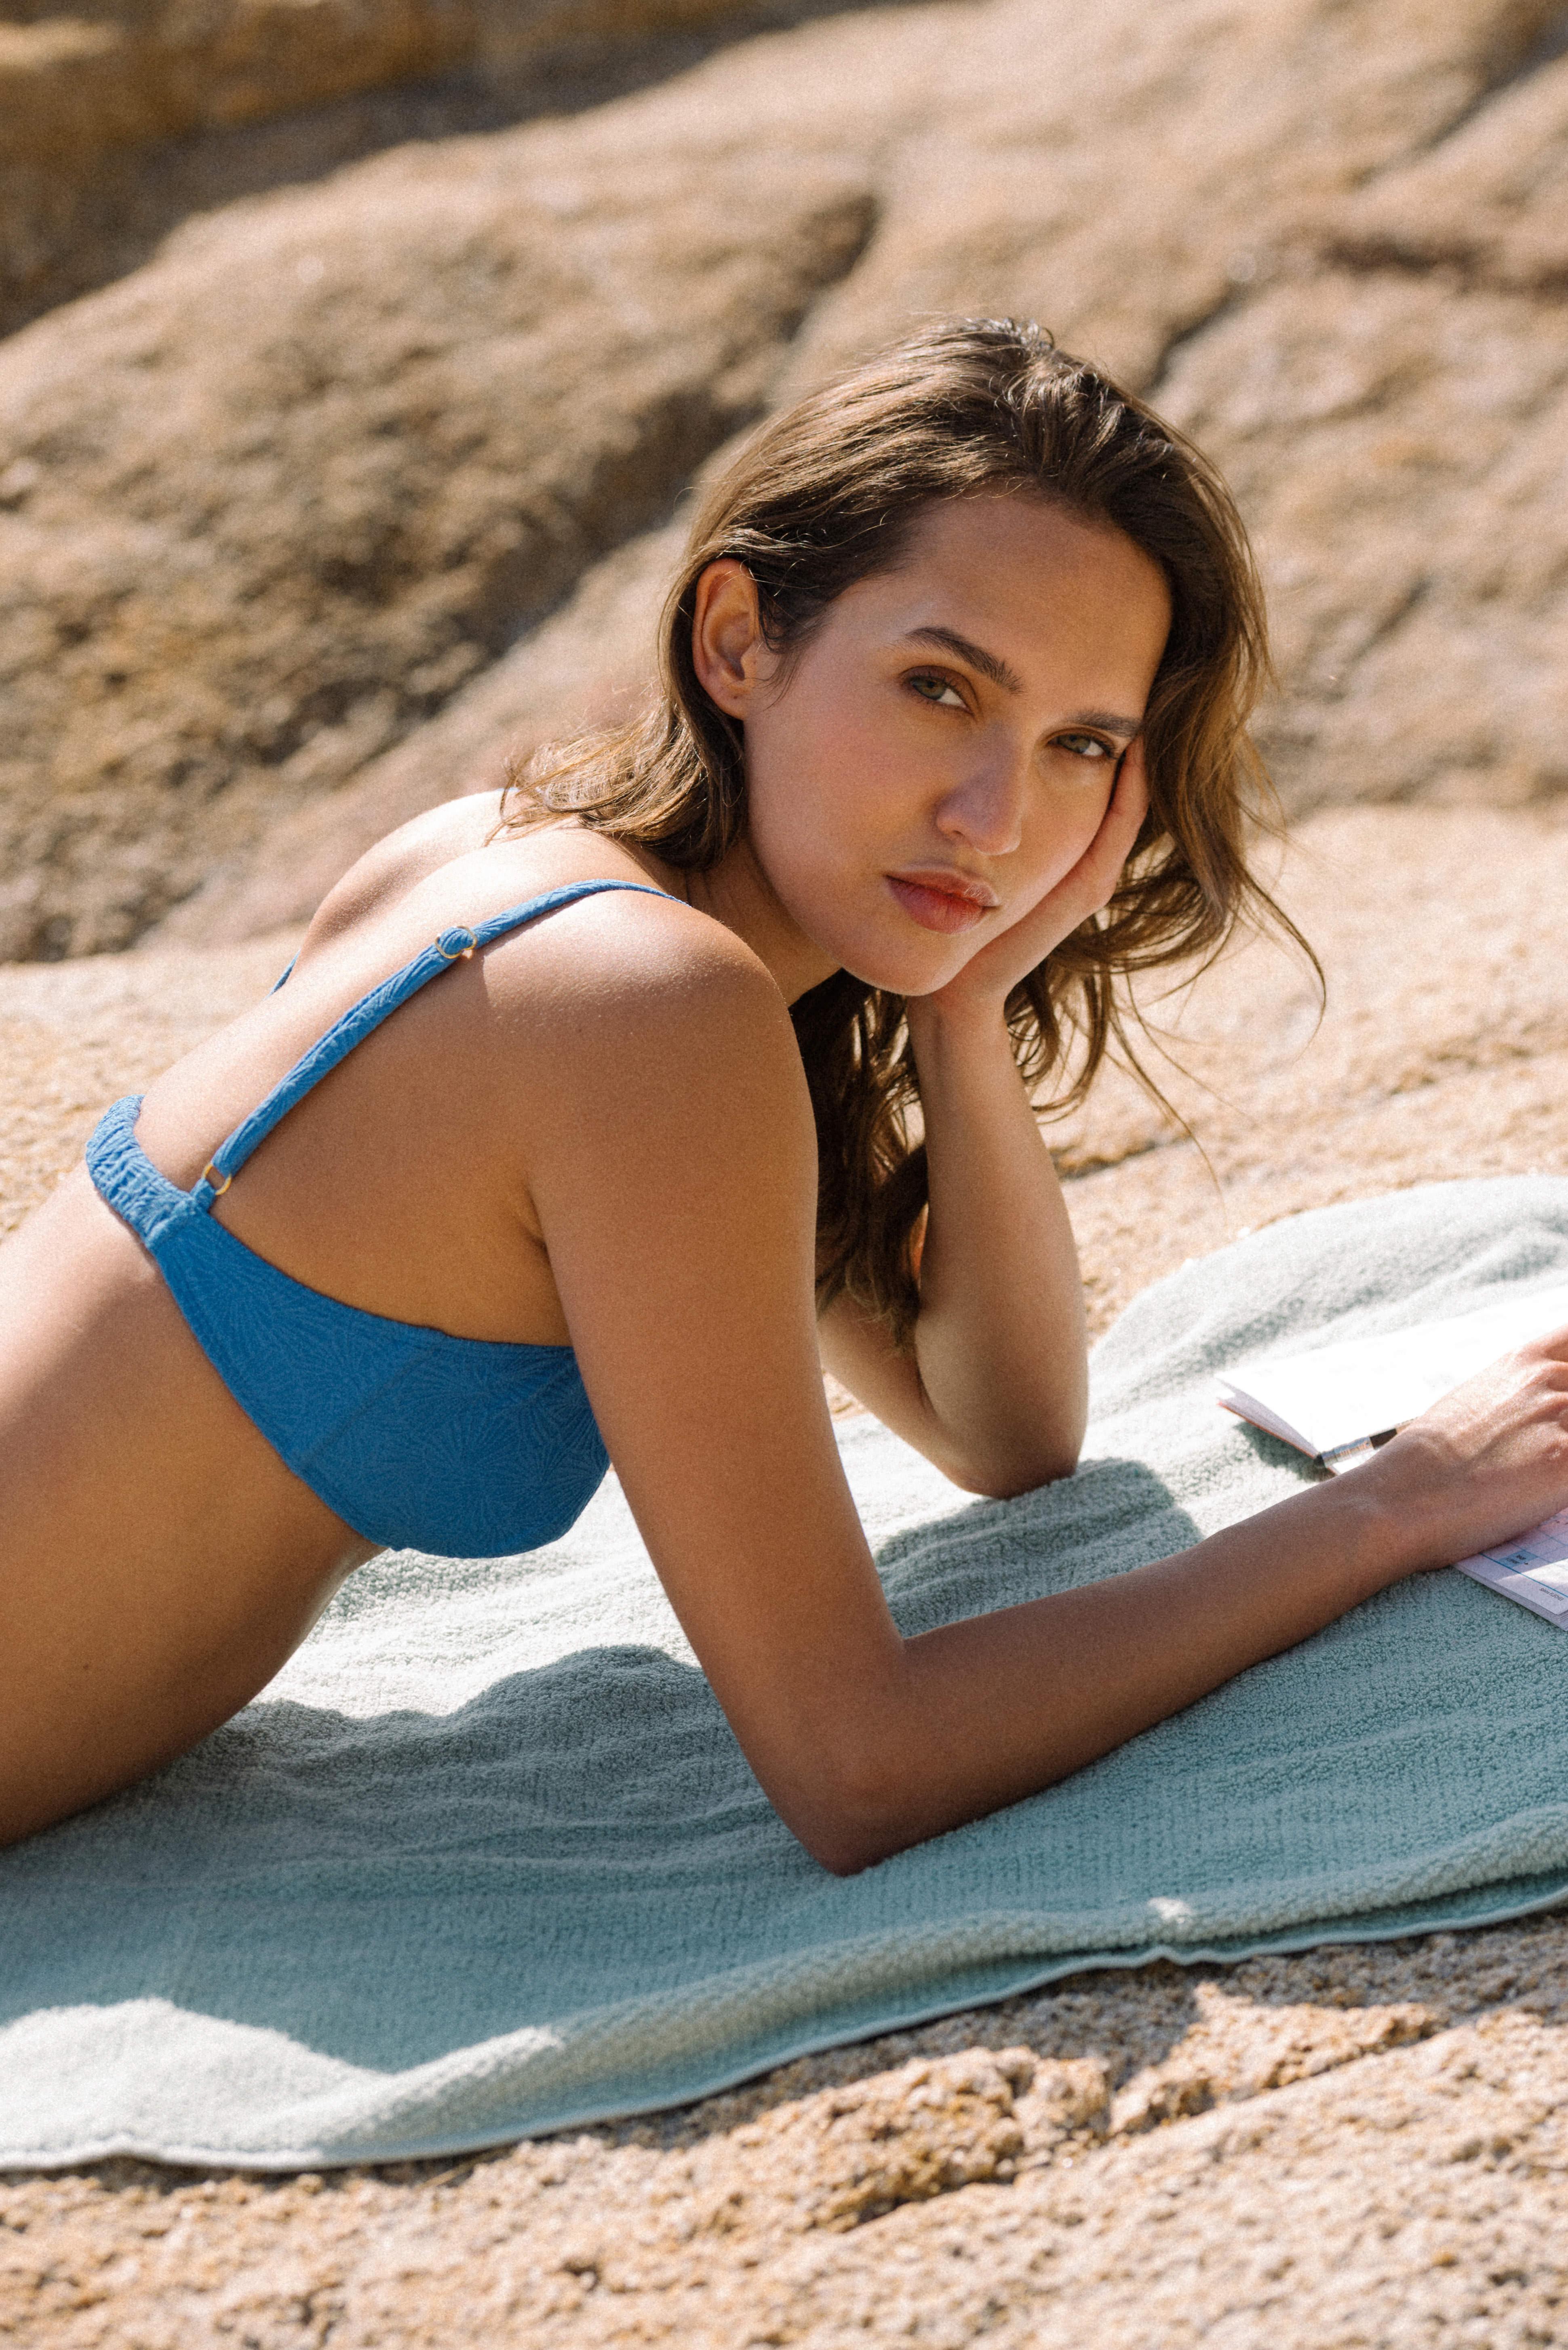 Swimsuit Baiser coquillage in Azure blue